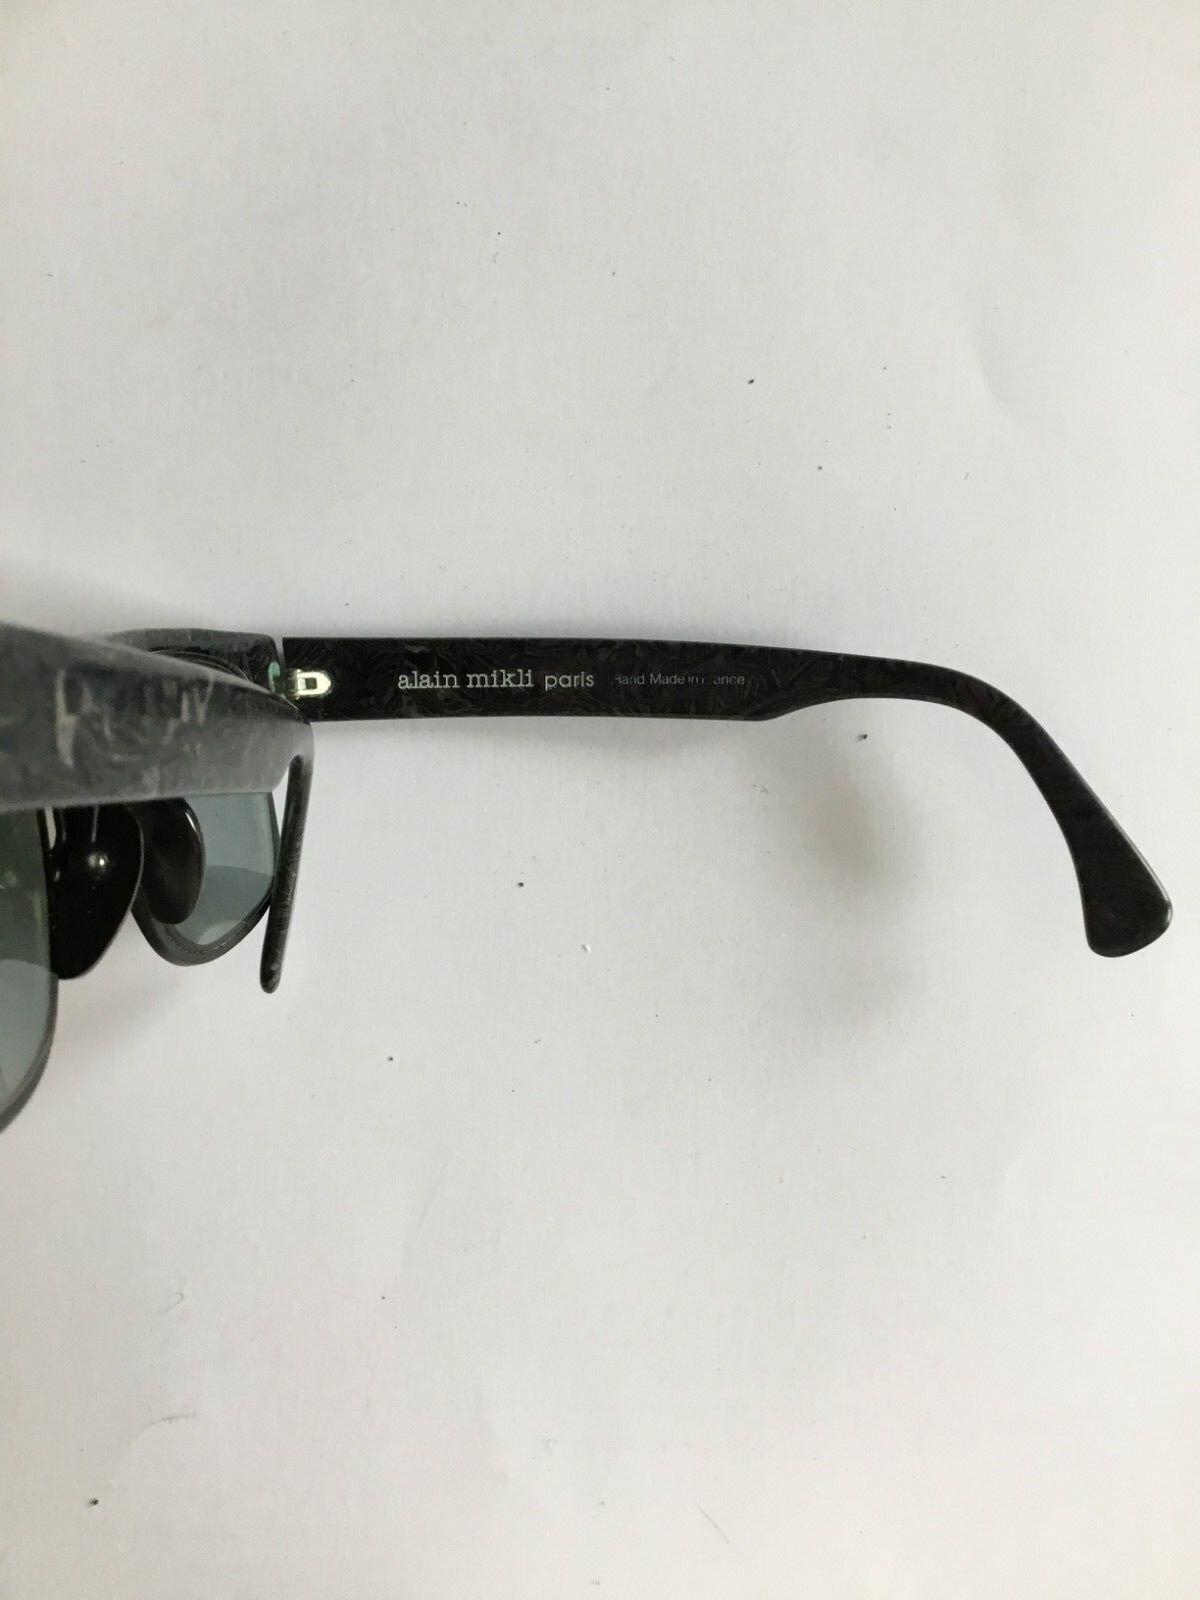 Alain Mikli sunglasses - image 4